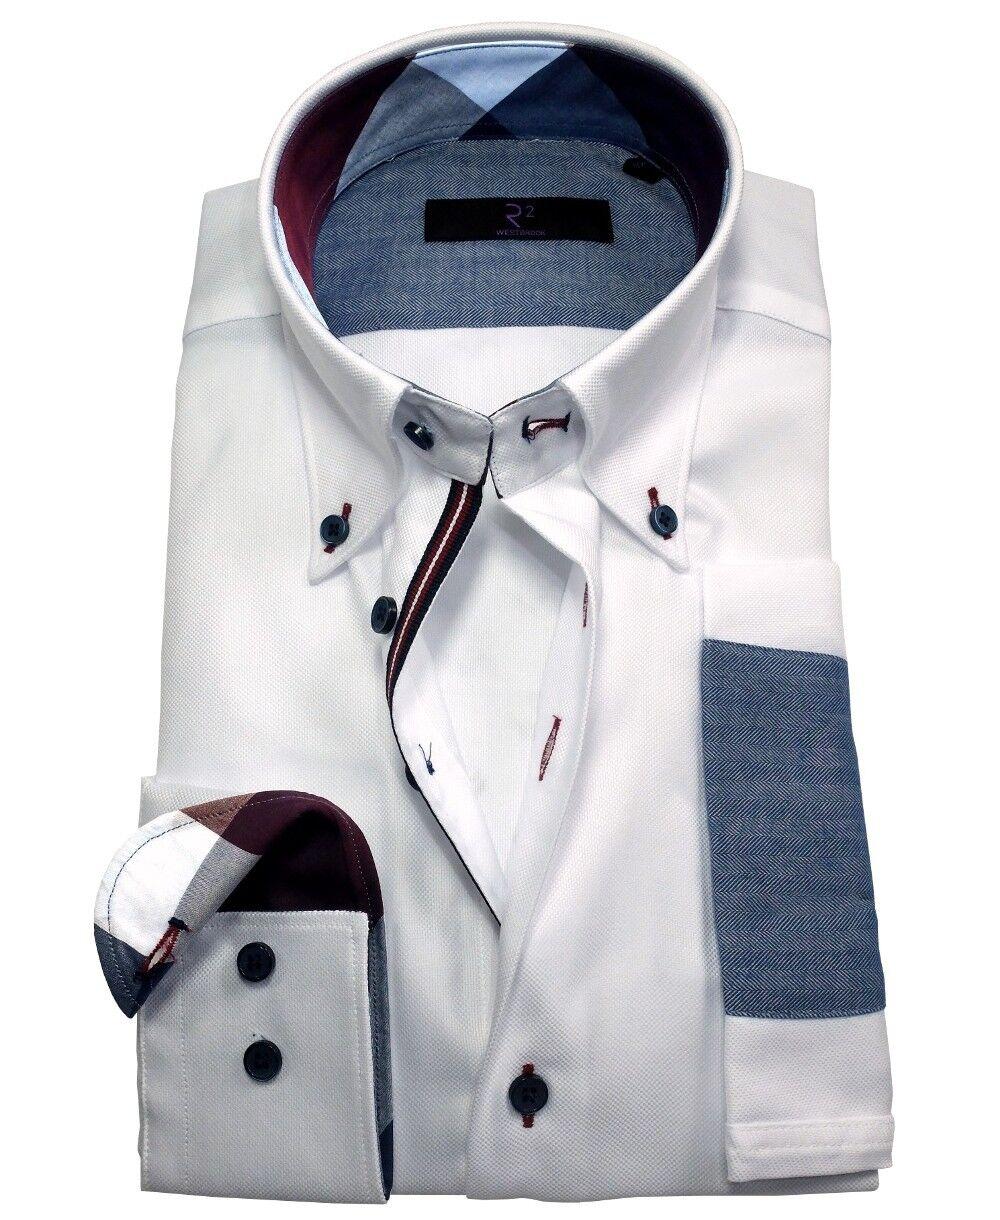 R2 Westbrook Modern Fit Langarmhemd weiss Struktur mit Ärmelpatches Gr. 38-46